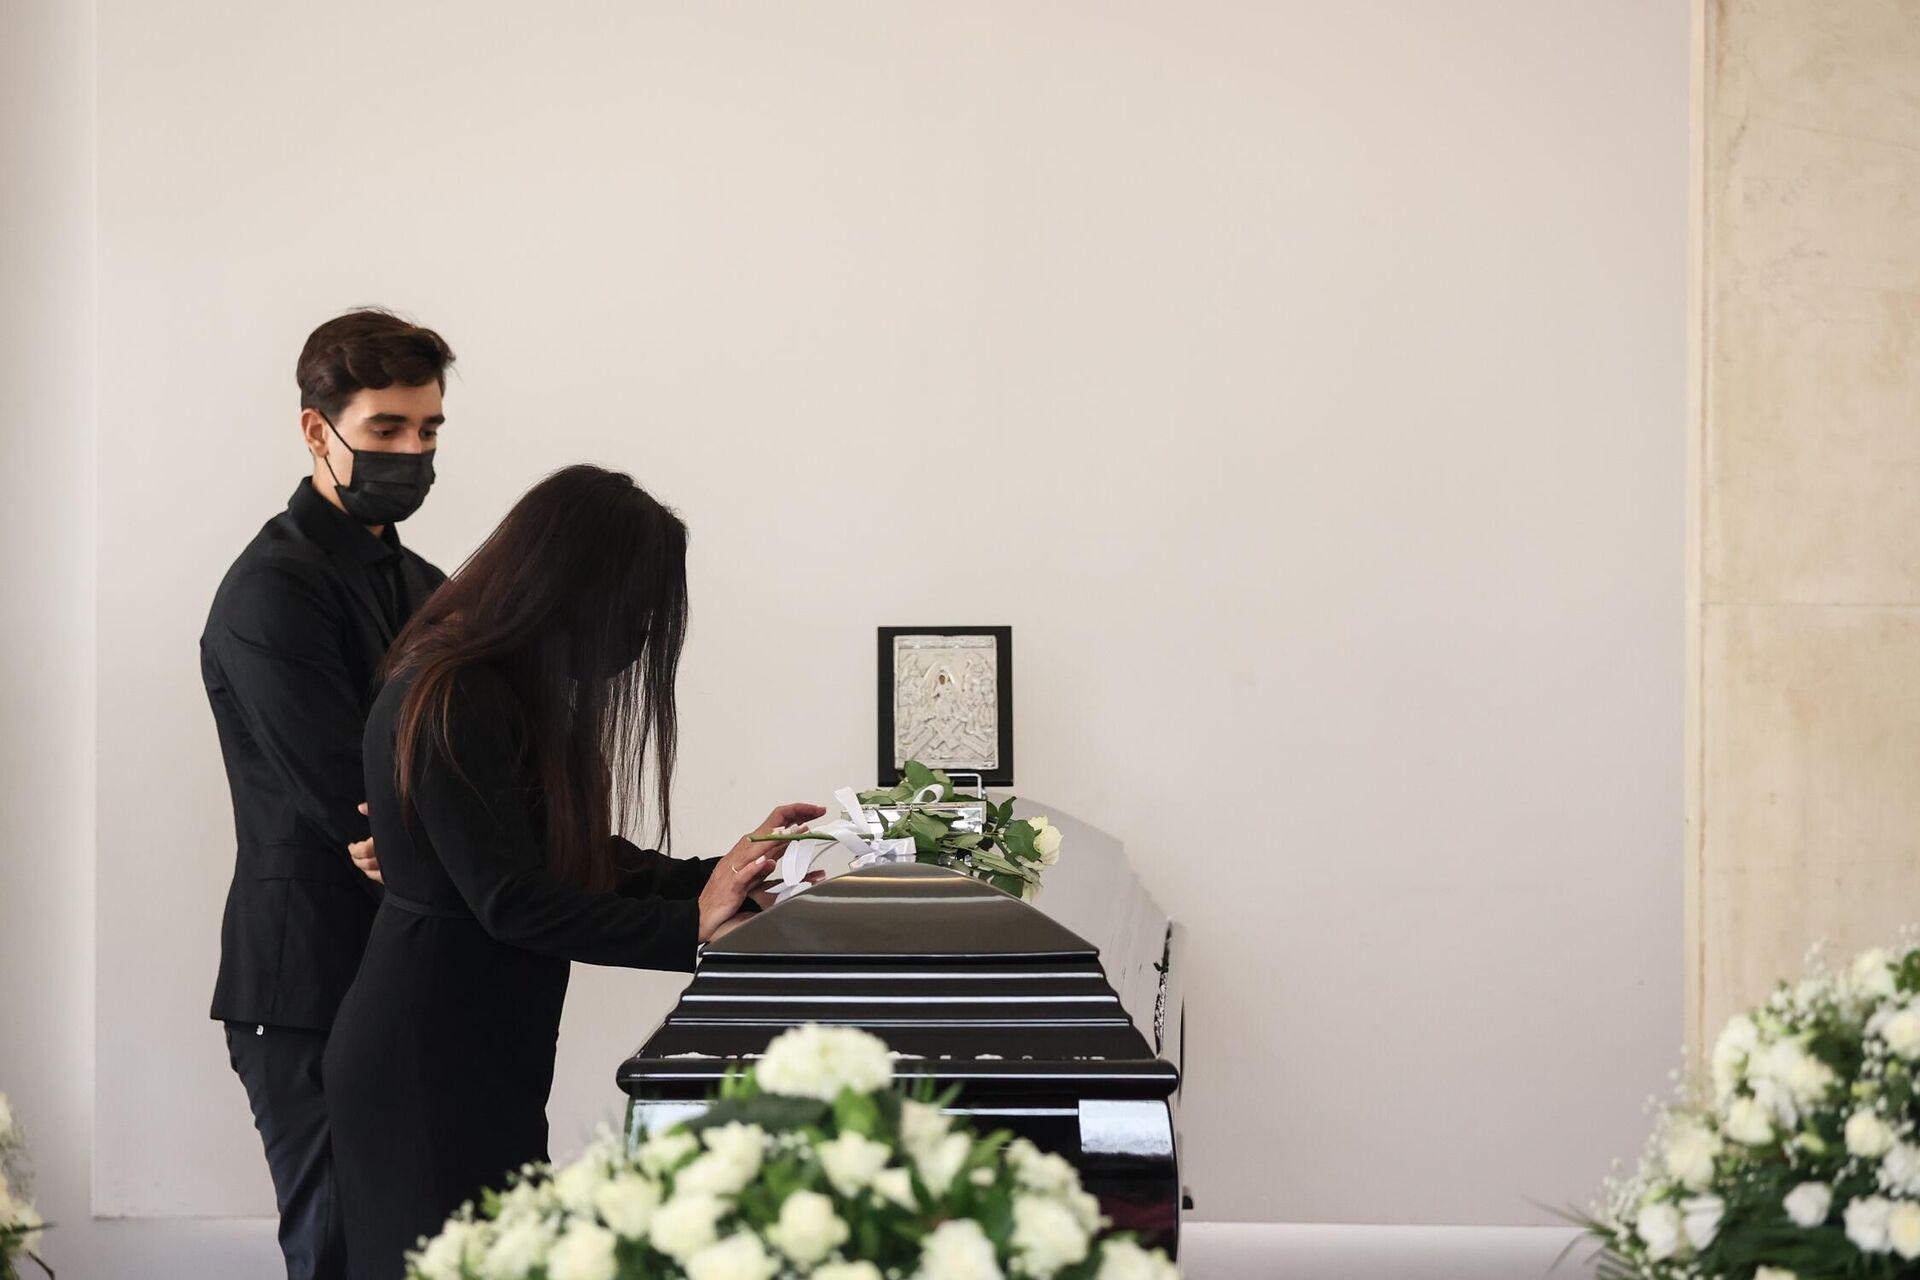 Κηδεία του Άκη Τσοχατζόπουλου, στο 1ο Νεκροταφείο Αθηνών - Sputnik Ελλάδα, 1920, 31.08.2021